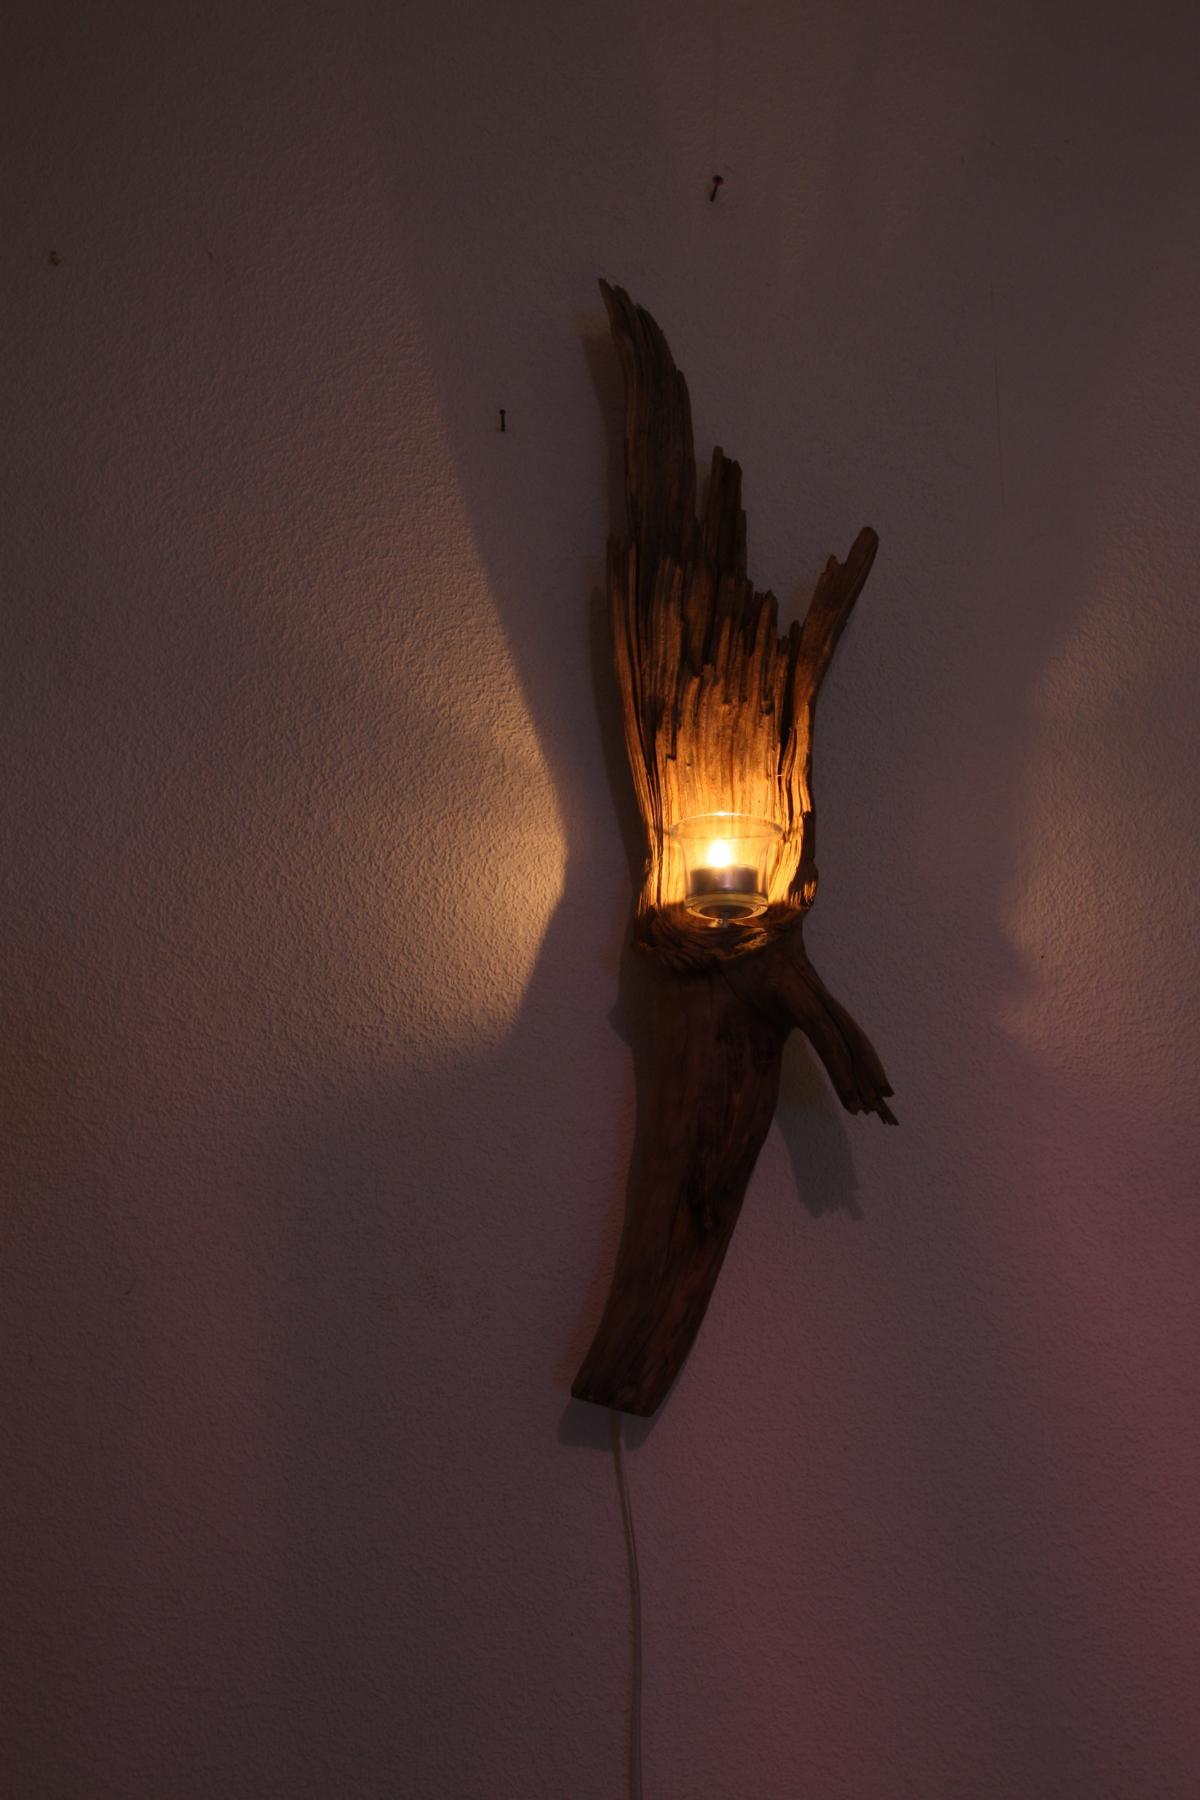 95_add_400_Wand-Leuchte-Skulptur-67cm-und-Teelicht Spannende Wandlampe Kinderzimmer Selber Basteln Dekorationen